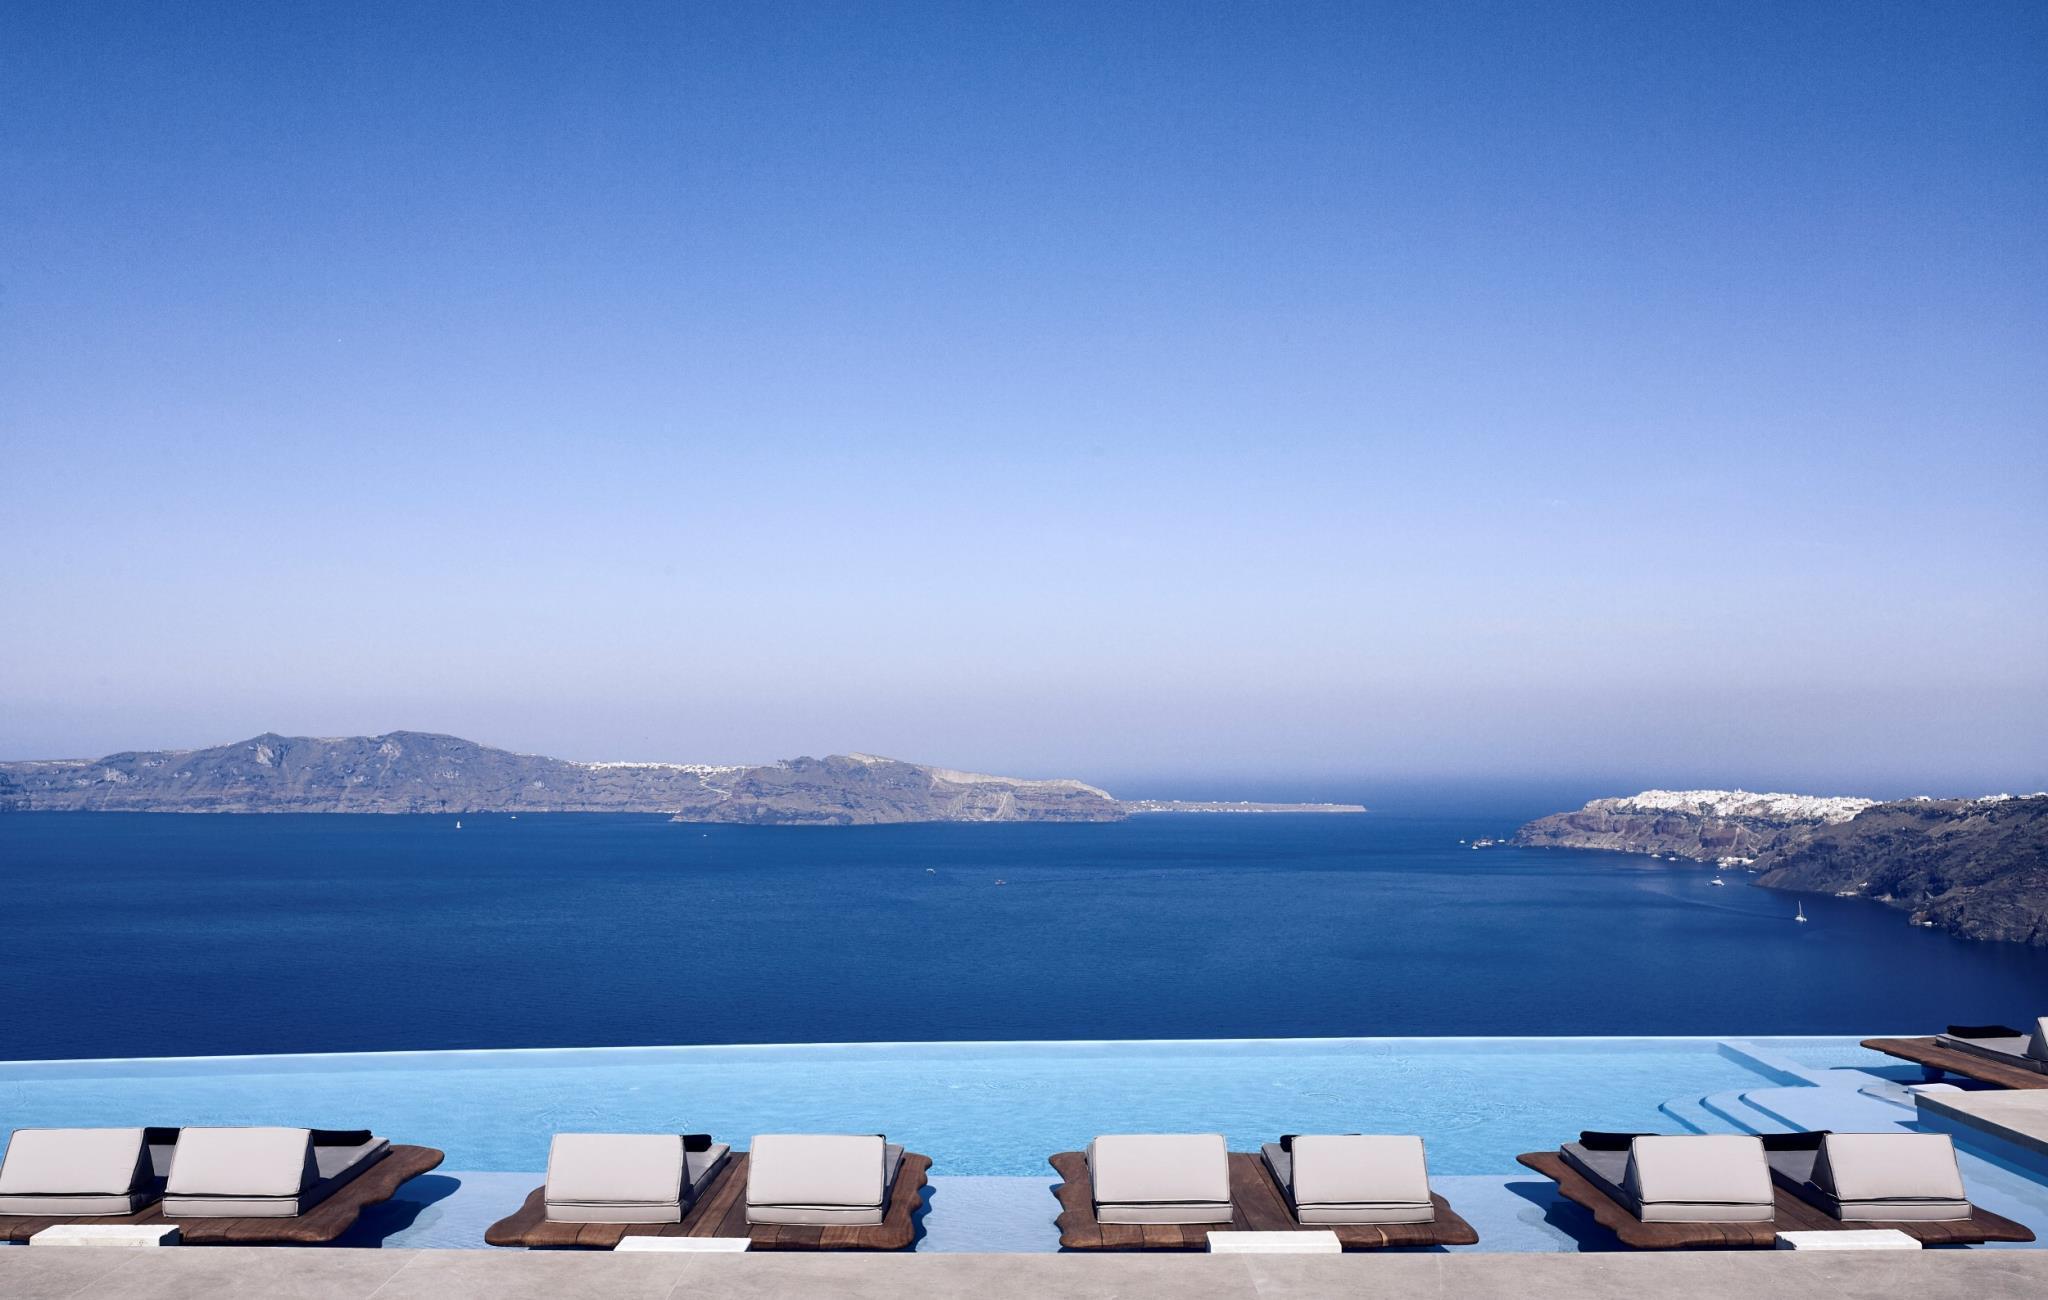 Cavo Tagoo Hotel Santorini Santorini 5 Star Hotel In Santorini